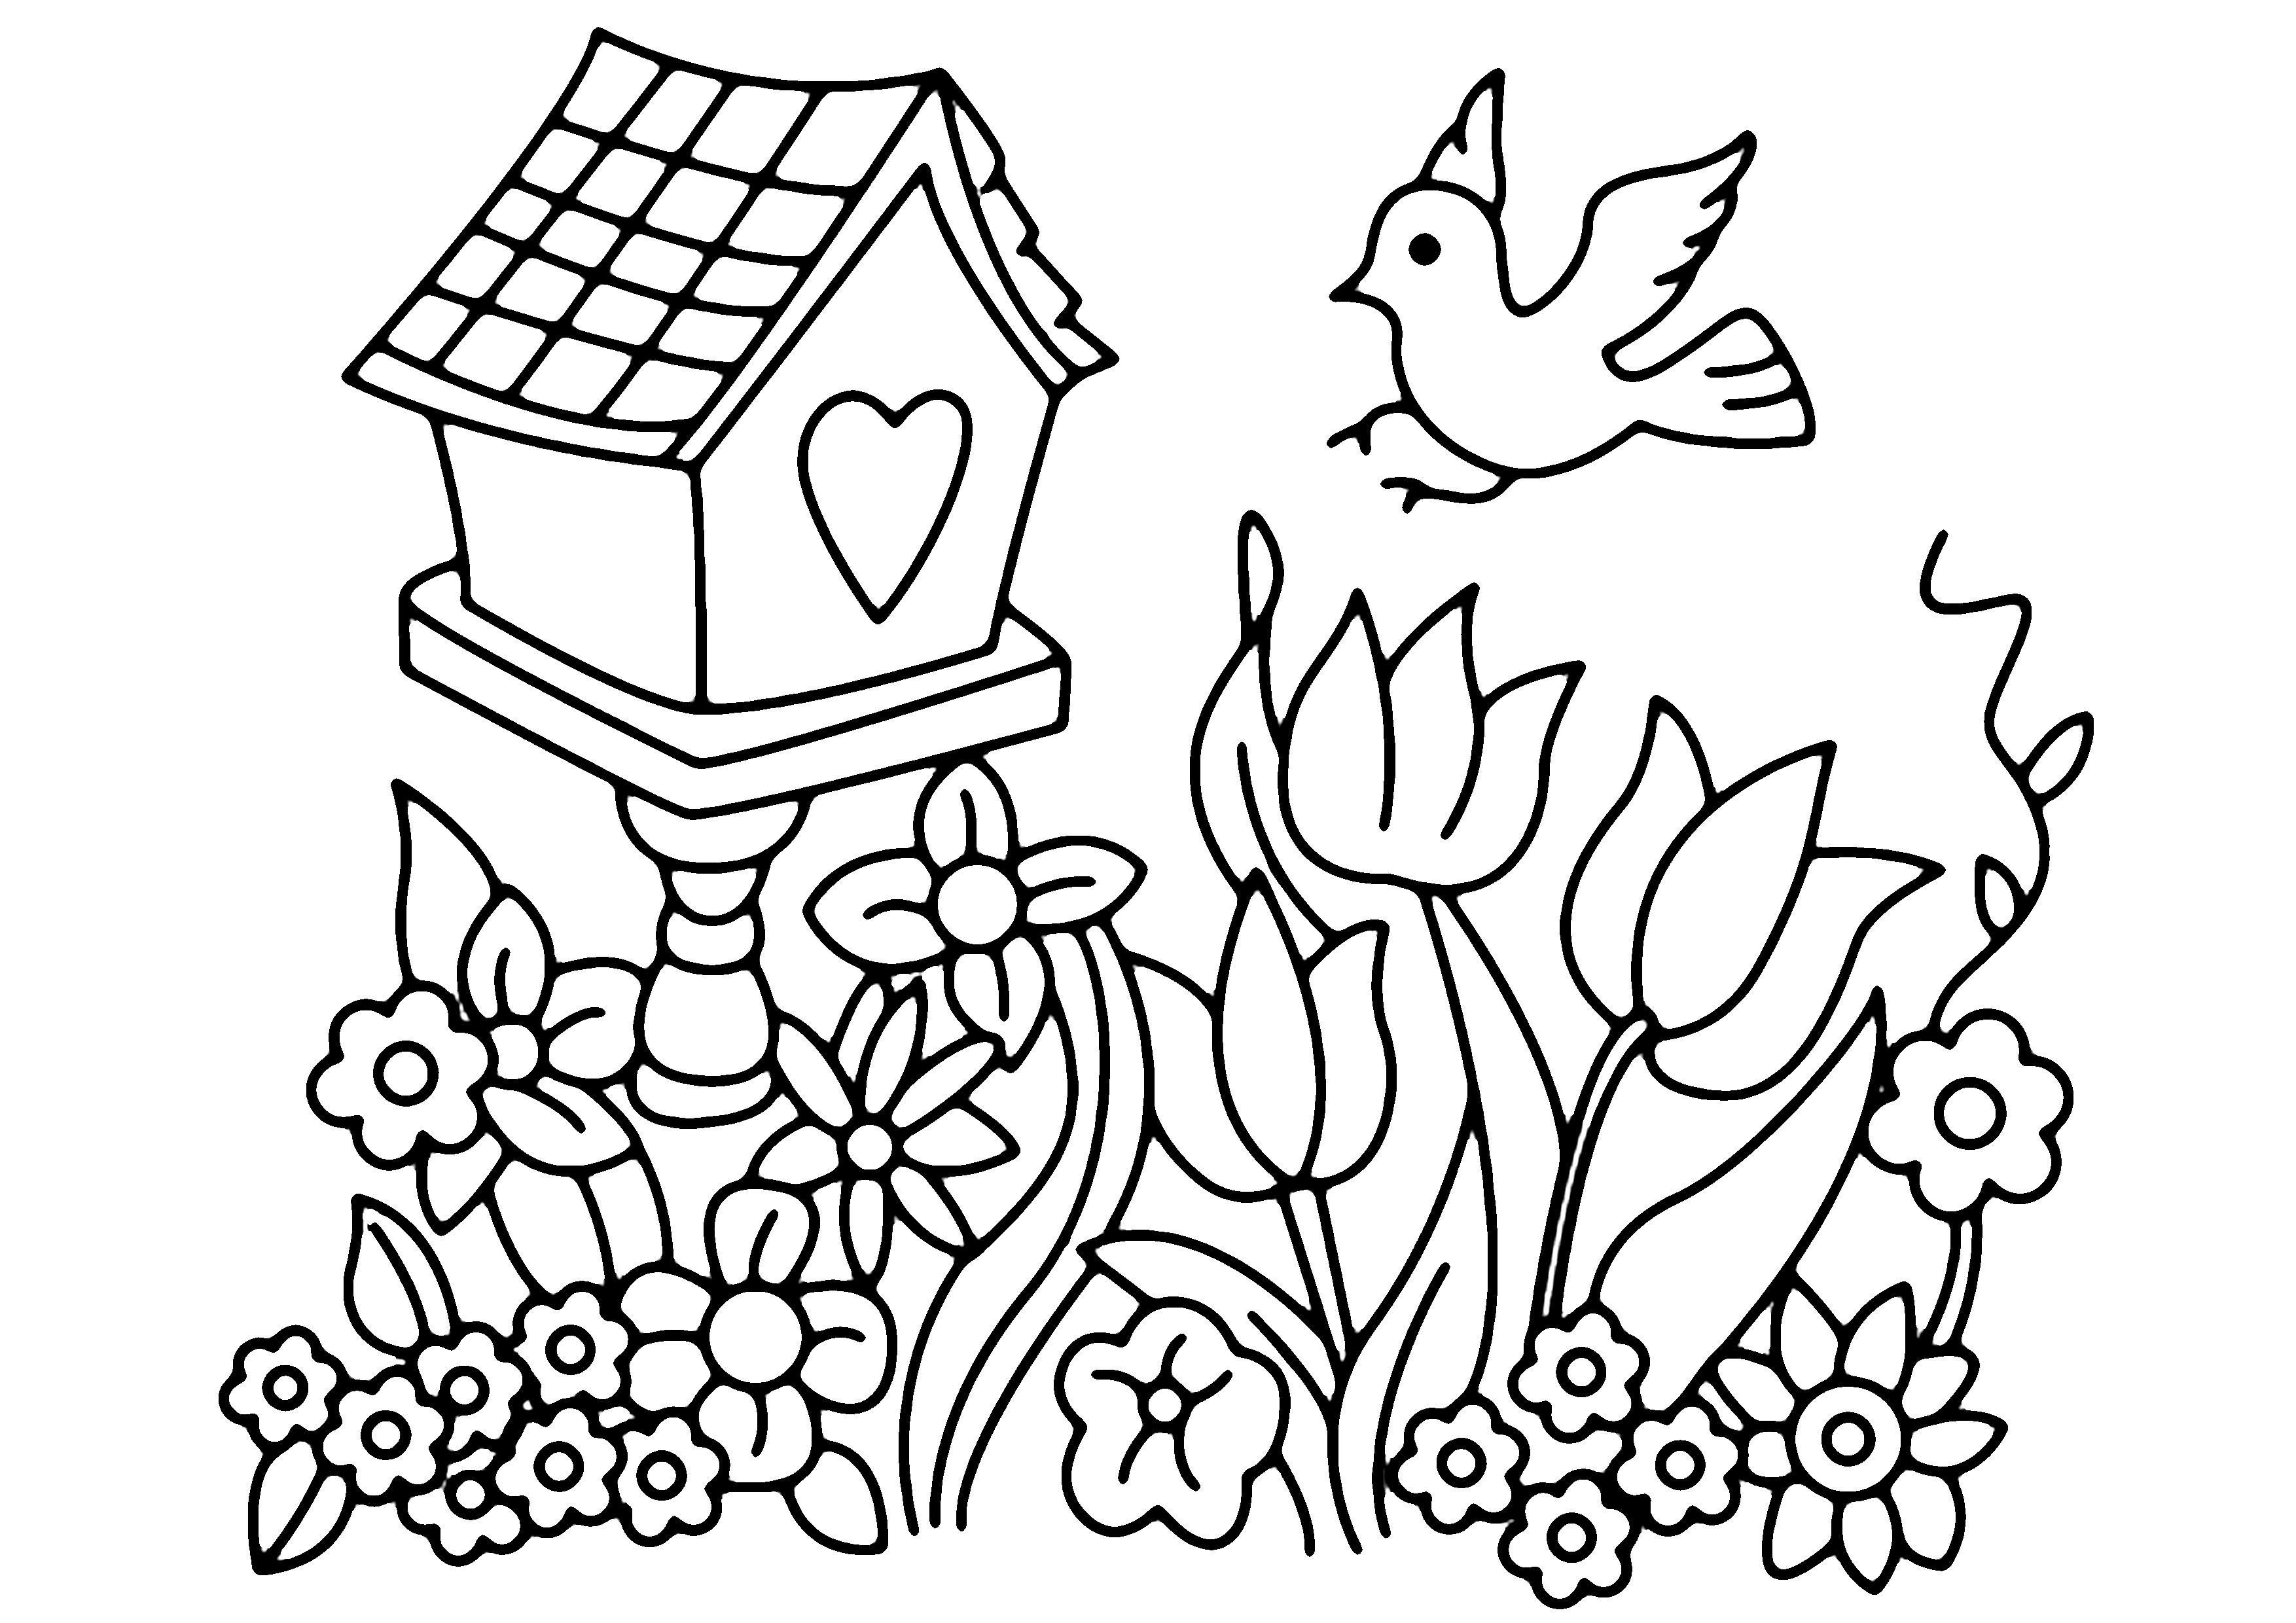 Coloriage - Fleurs, Fruits Et Légumes : Fleurs Et Oiseau dedans Coloriage Fleur